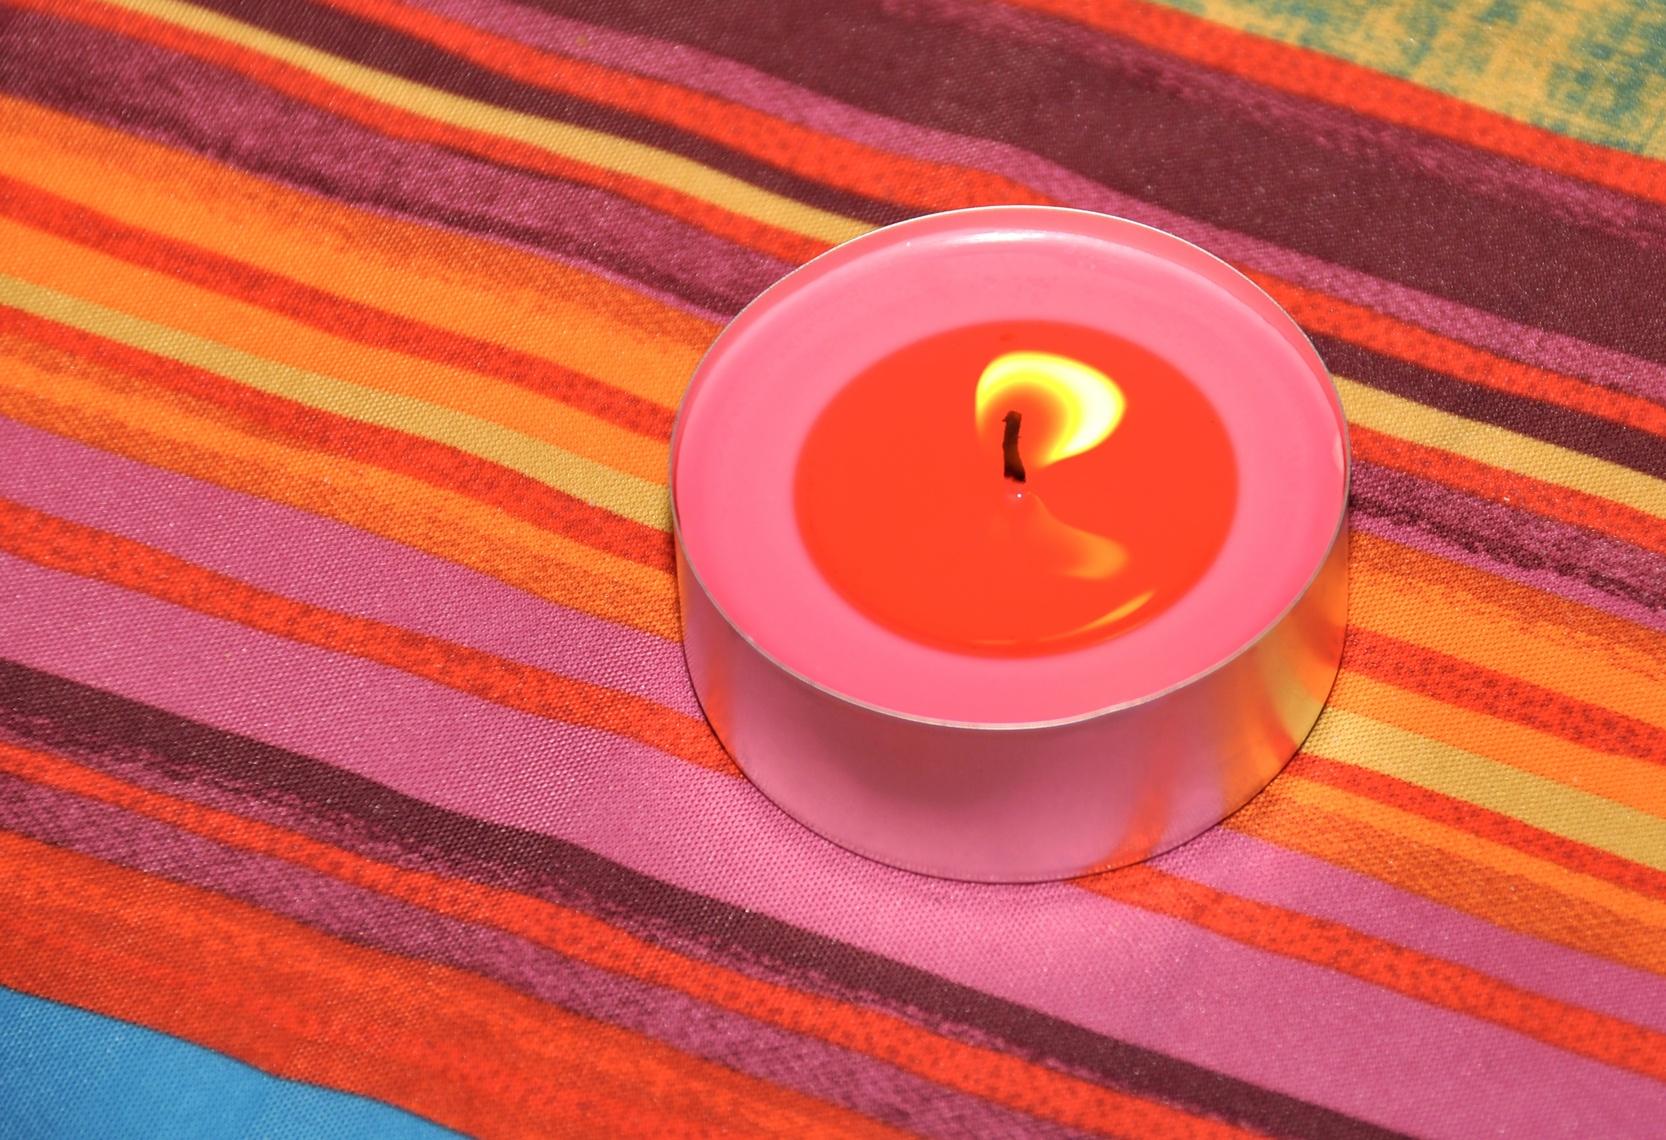 wachsflecken aus kleidung und tischdecke entfernen. Black Bedroom Furniture Sets. Home Design Ideas